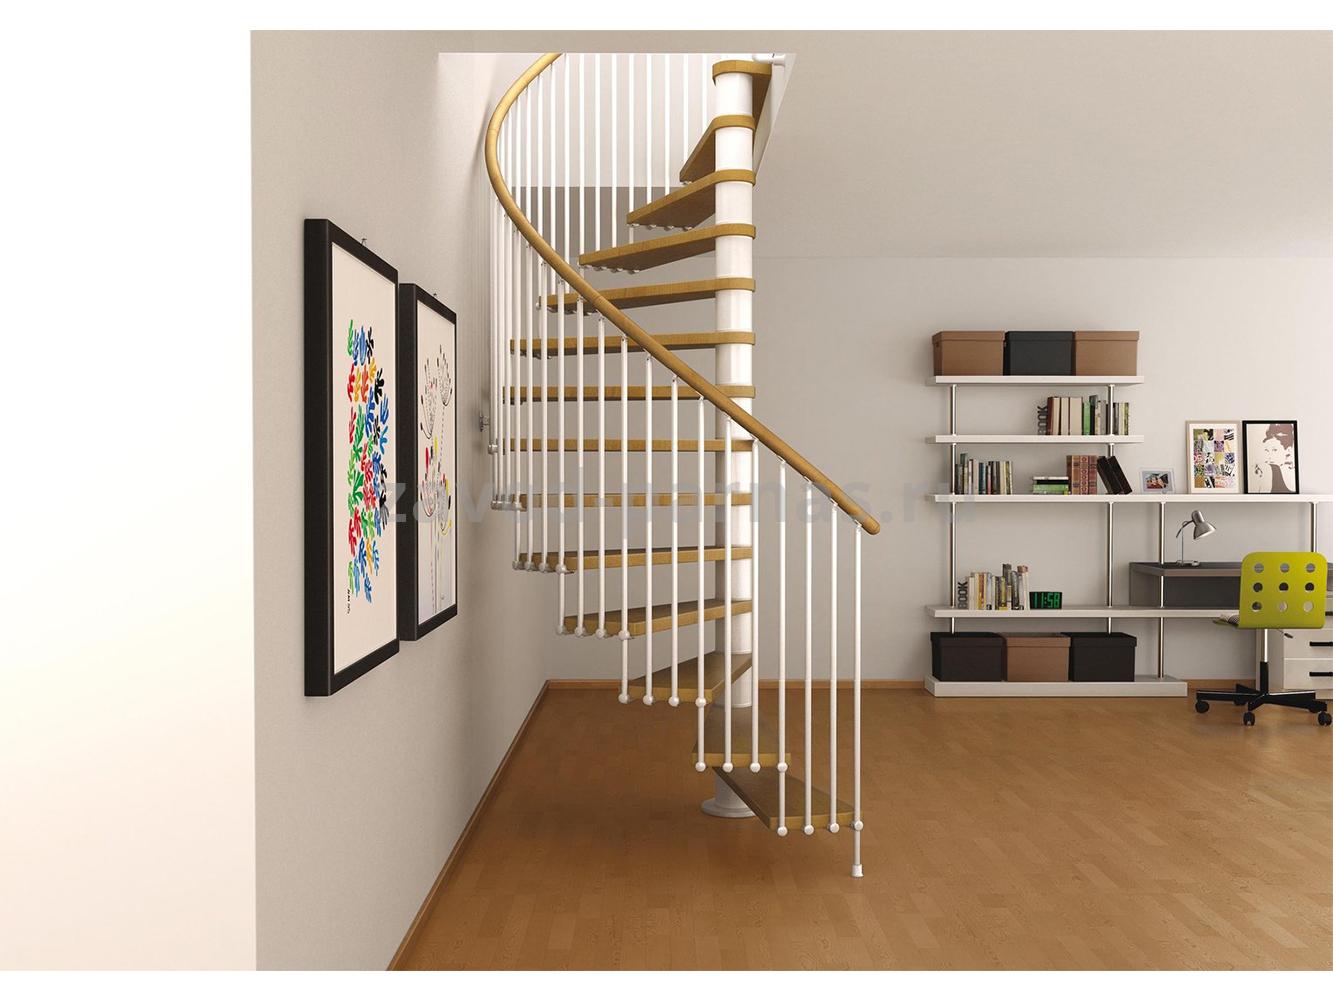 преподносят качестве винтовые межэтажные лестницы для квартиры фото неоконченное, отделение сварочных